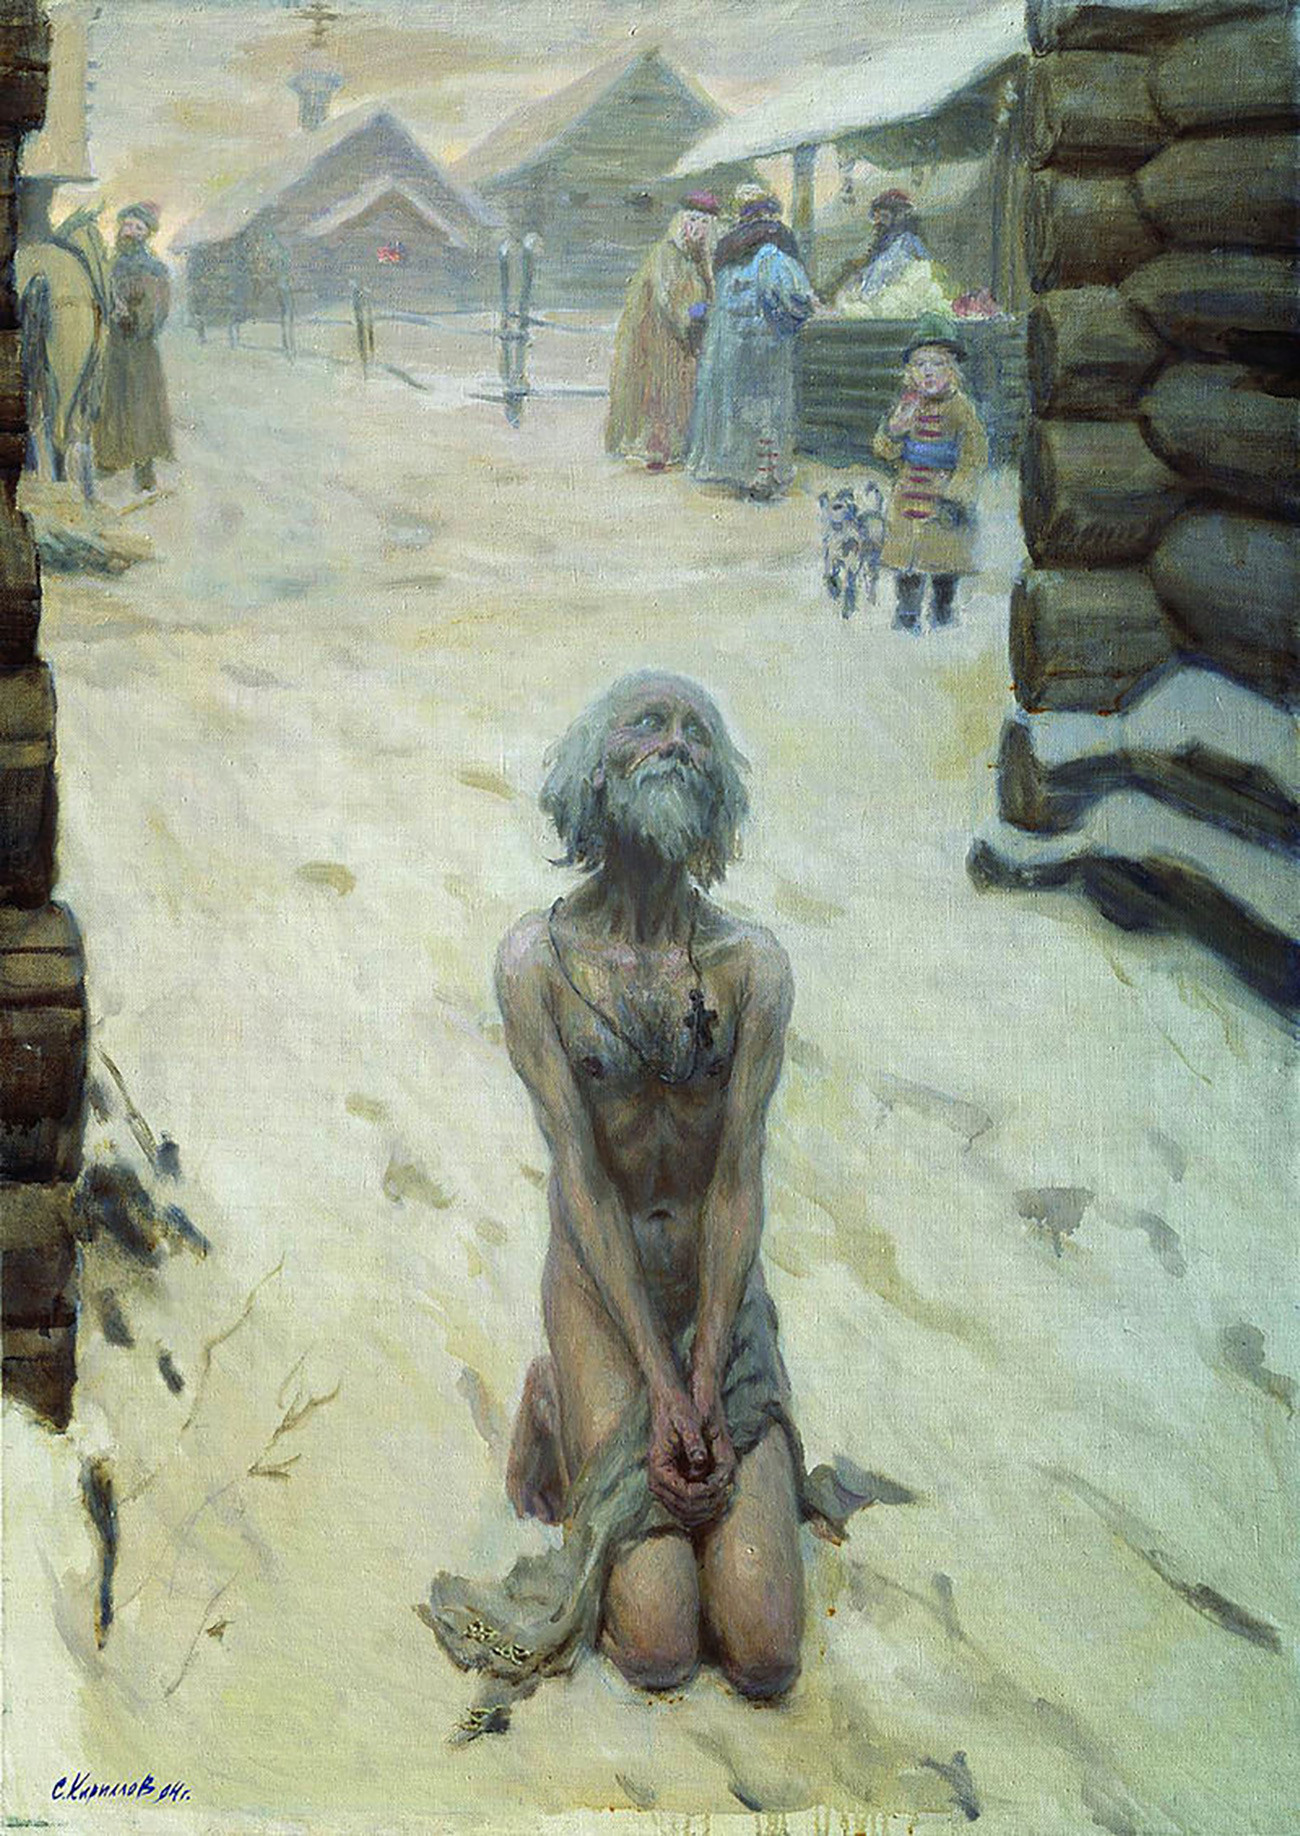 Le fol-en-Christ Saint Basile priant presque nu dans la neige